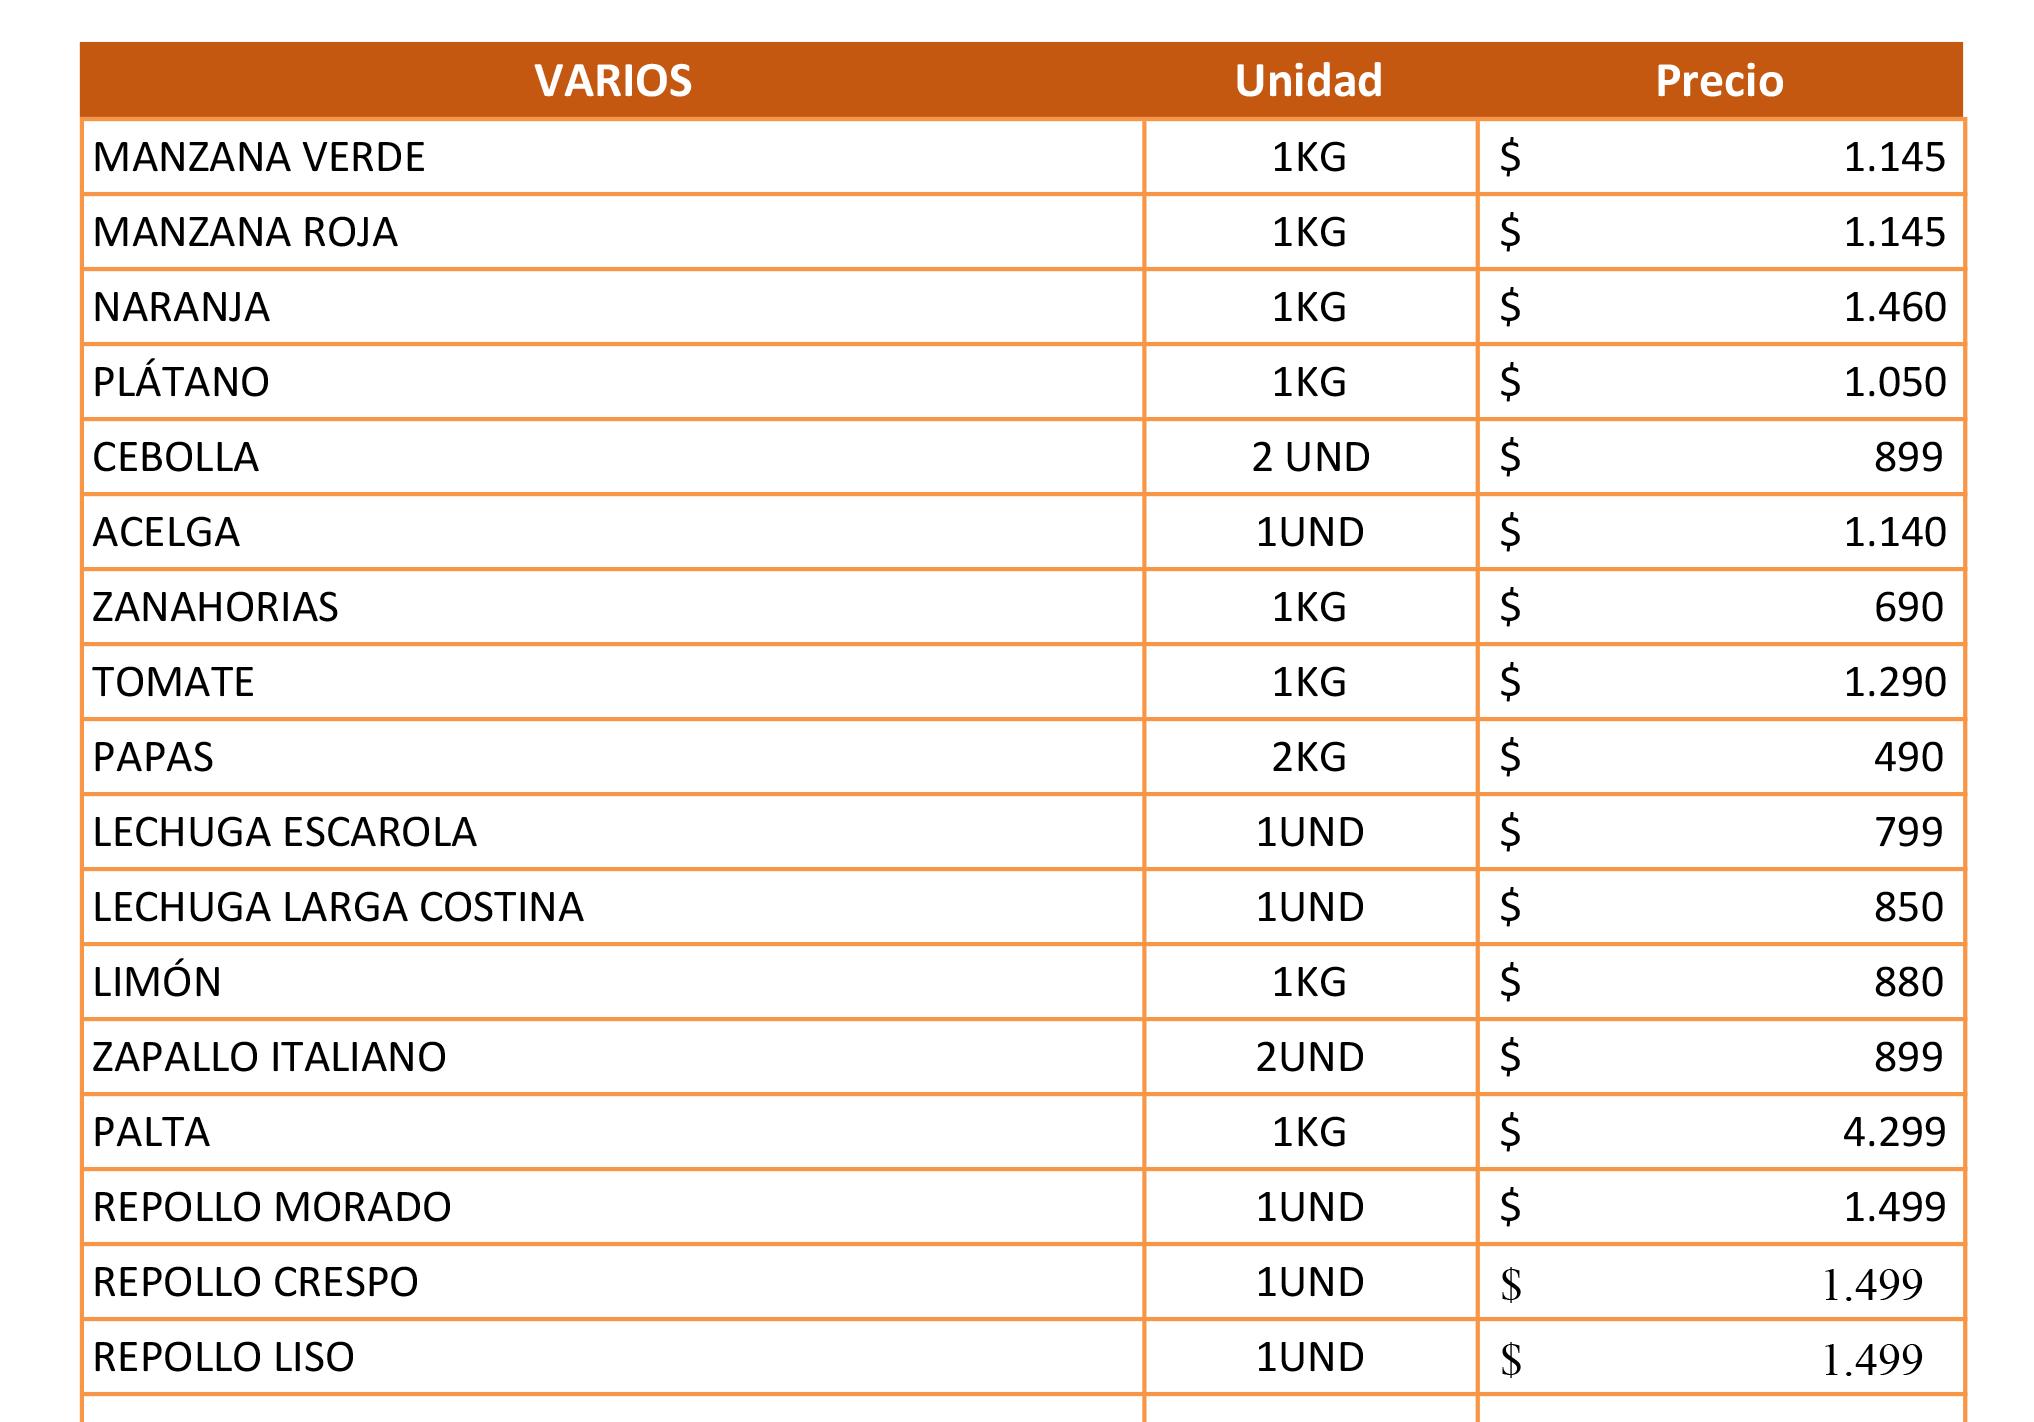 FRUTAS Y VERDURAS UNISUR (1)